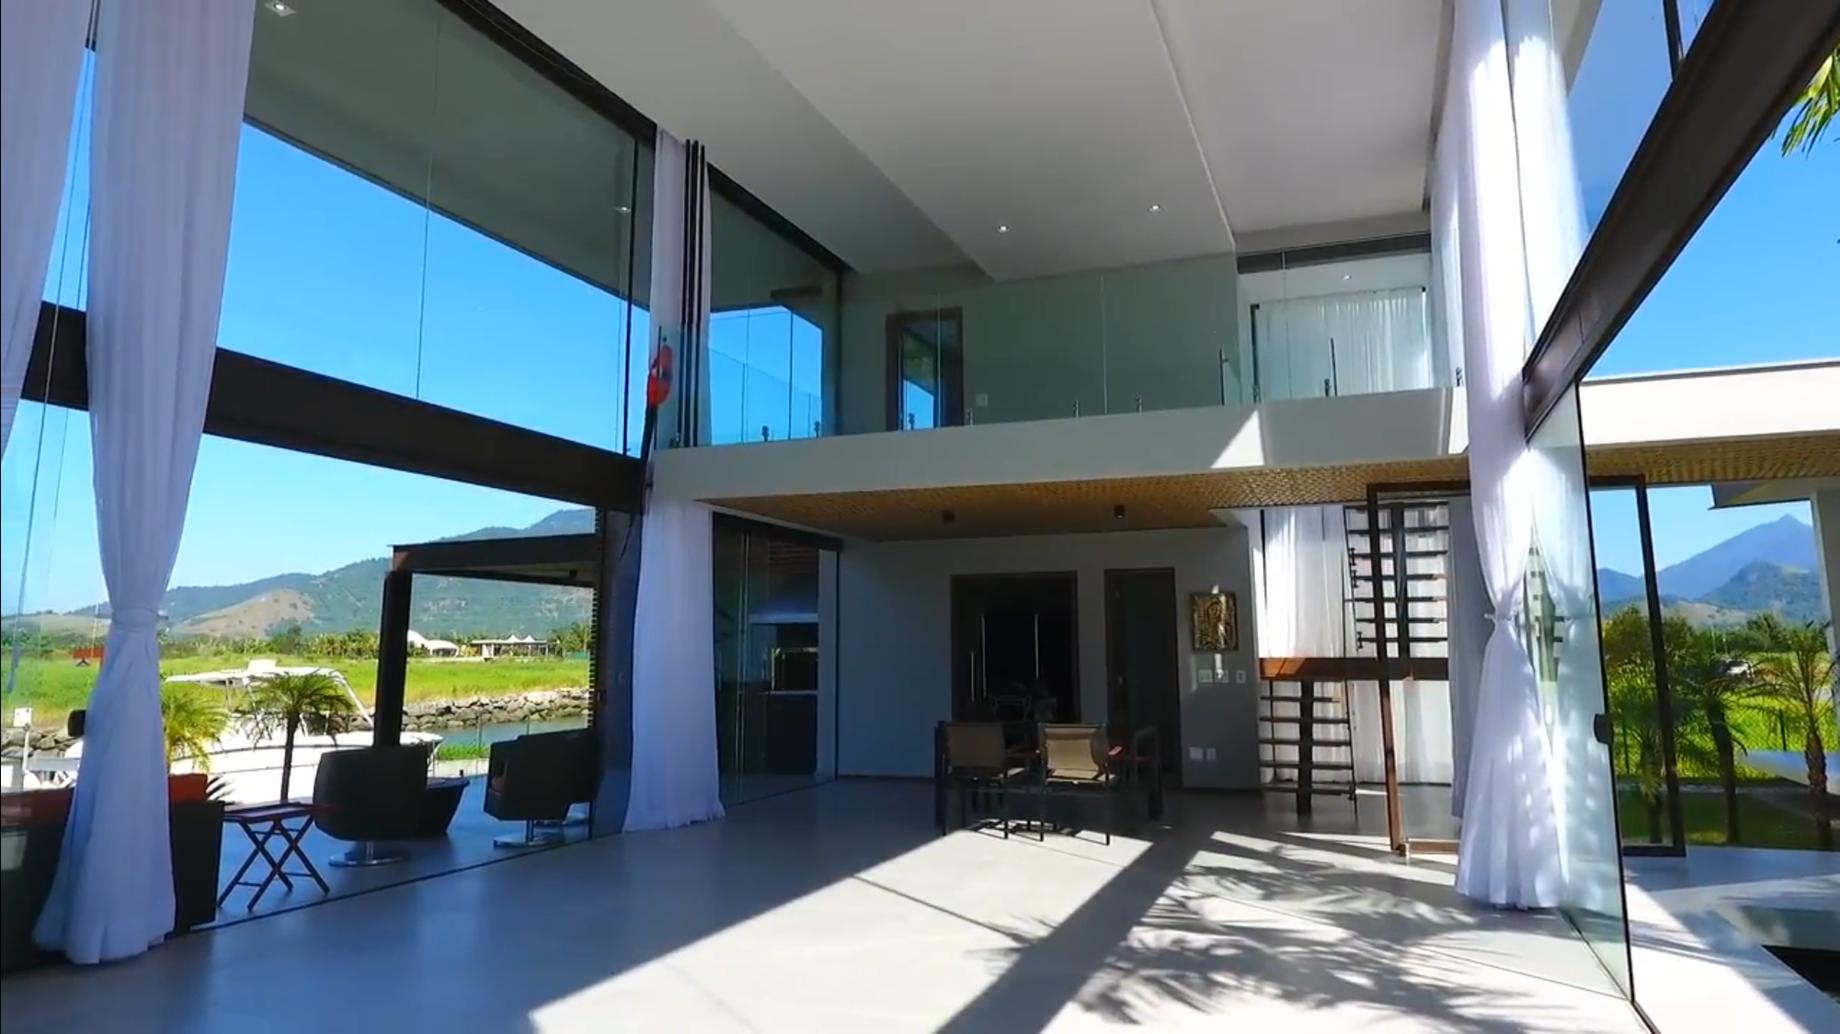 Частный односемейный дом для того Продажа на New and Exclusive Rodovia Rio Santos Km 434 Angra Dos Reis, Рио-Де-Жанейро, 23860-000 Бразилия